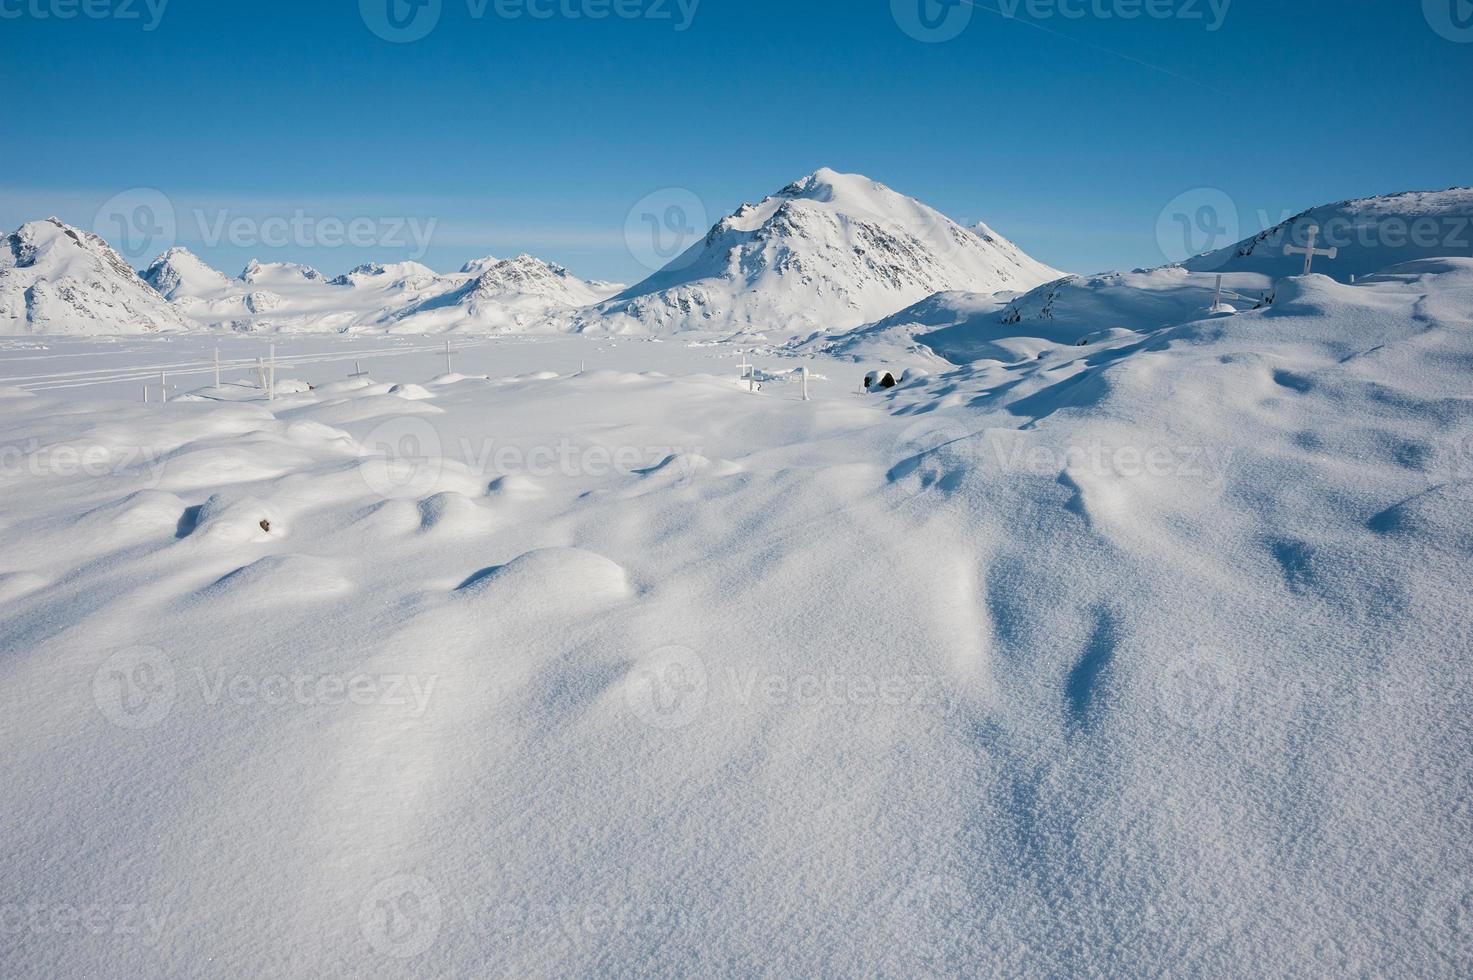 paisaje nevado de invierno en Groenlandia foto